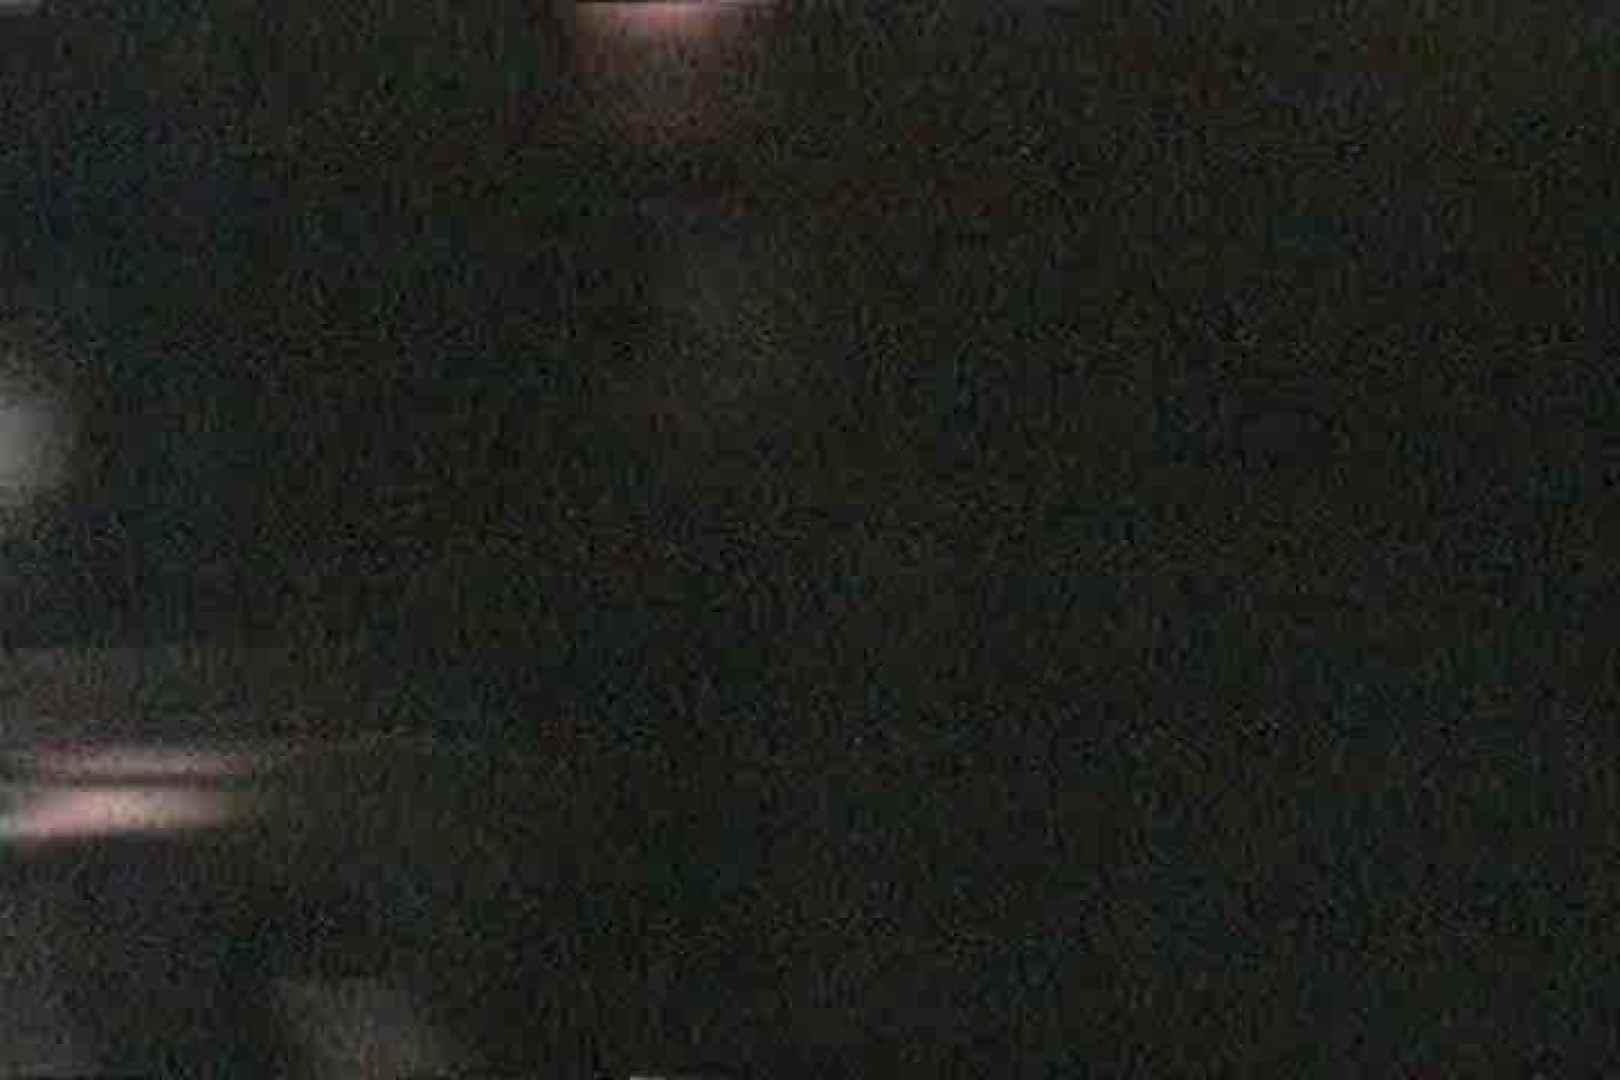 車の中はラブホテル 無修正版  Vol.23 エロティックなOL おまんこ無修正動画無料 81画像 79